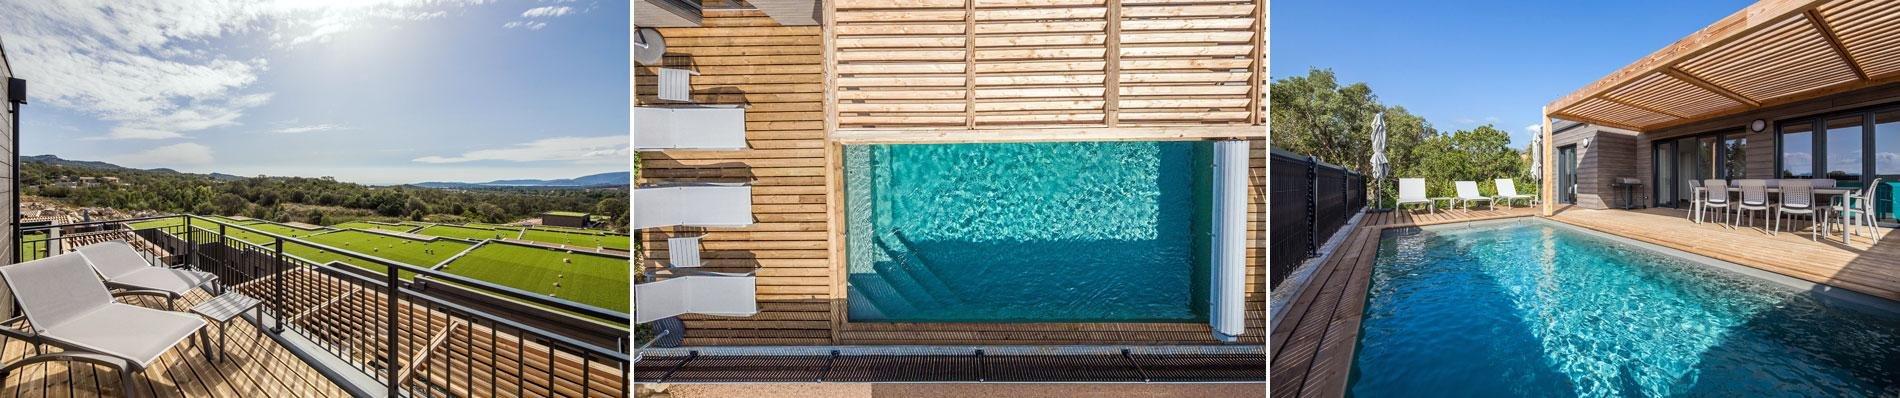 villa zwembad corsica pv arsella